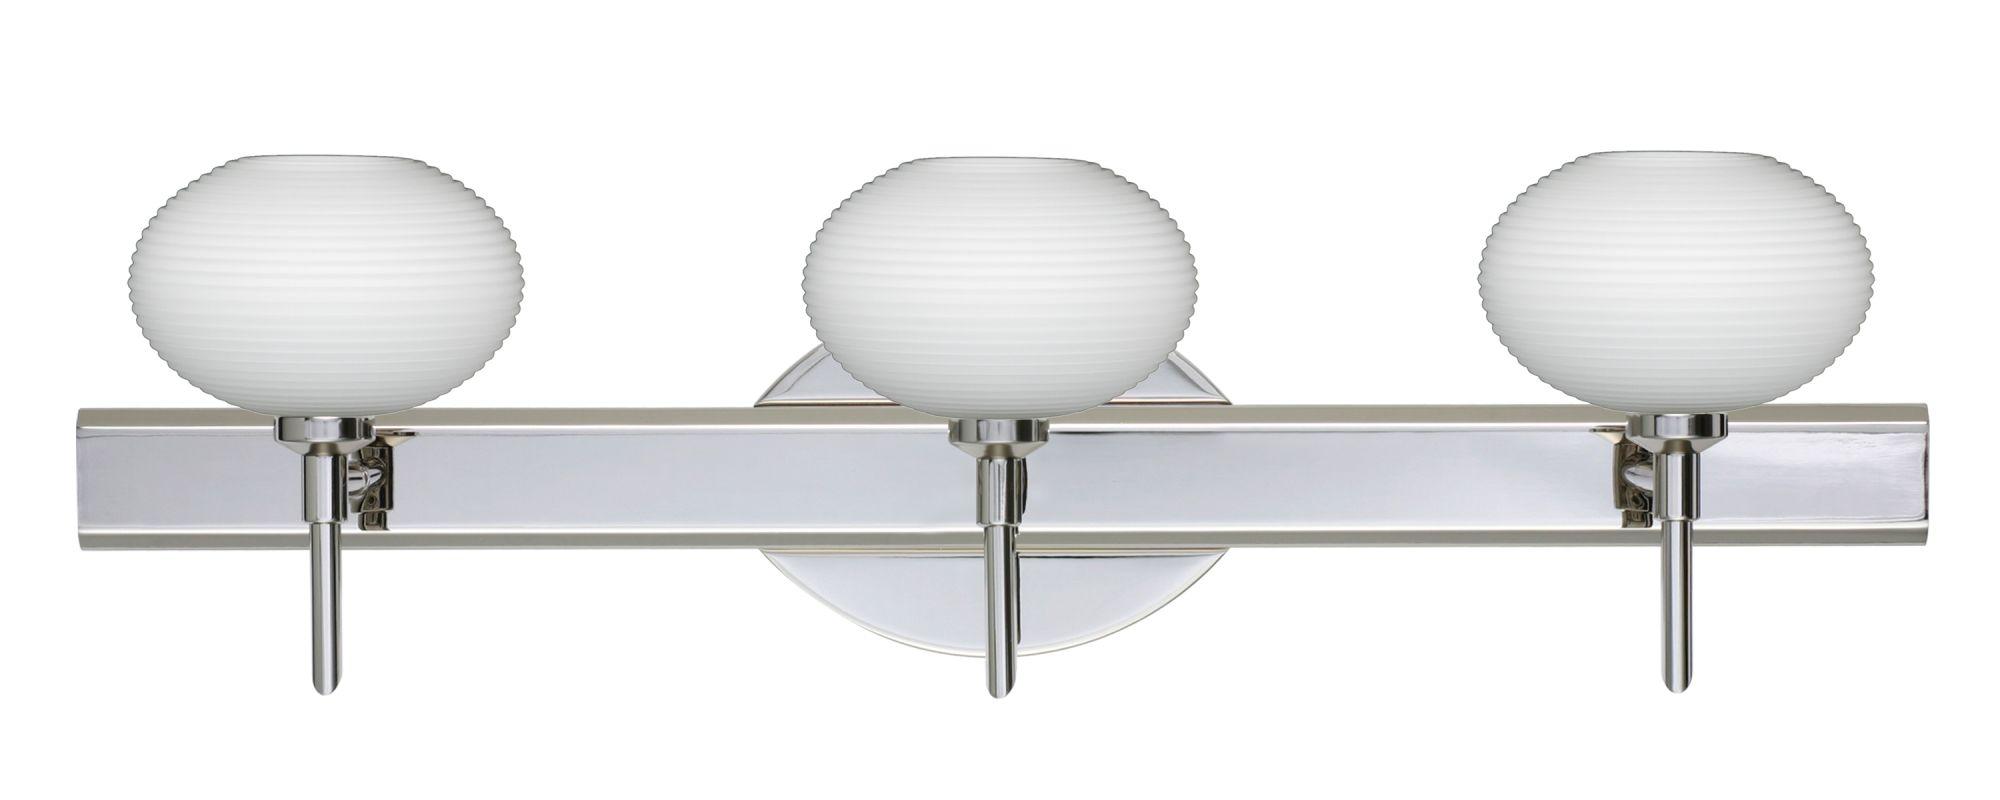 Besa Lighting 3SW-561207 Lasso 3 Light Reversible Halogen Bathroom